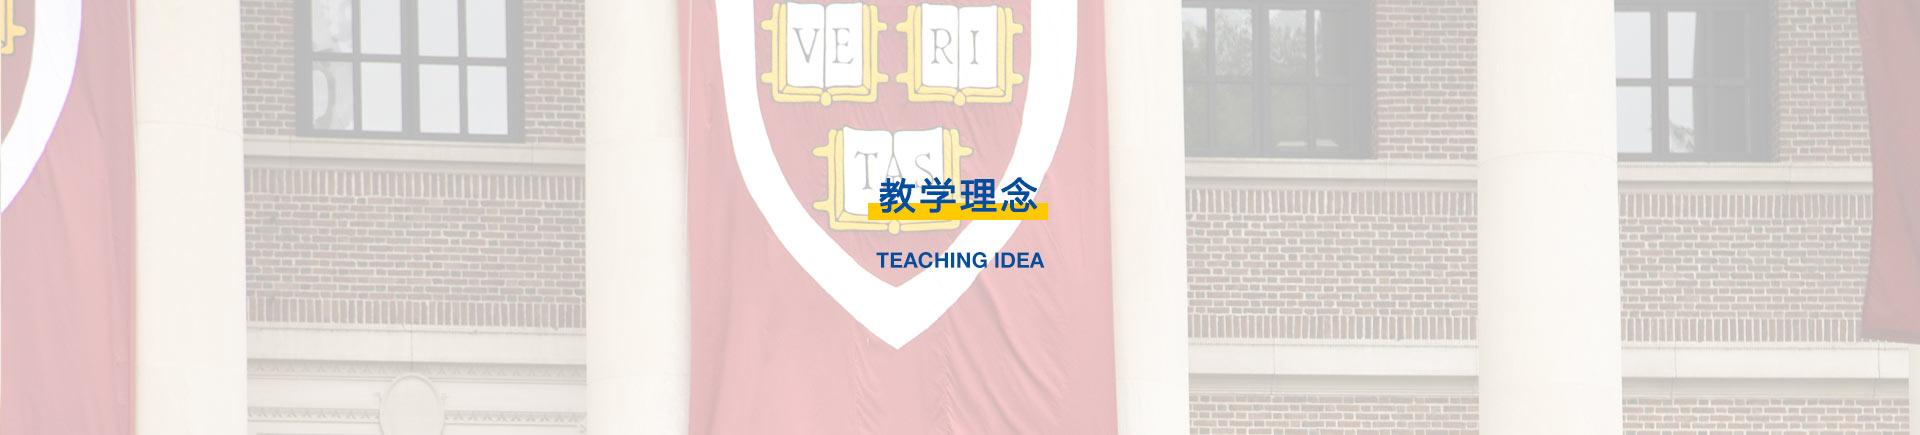 先行者教育教学理念